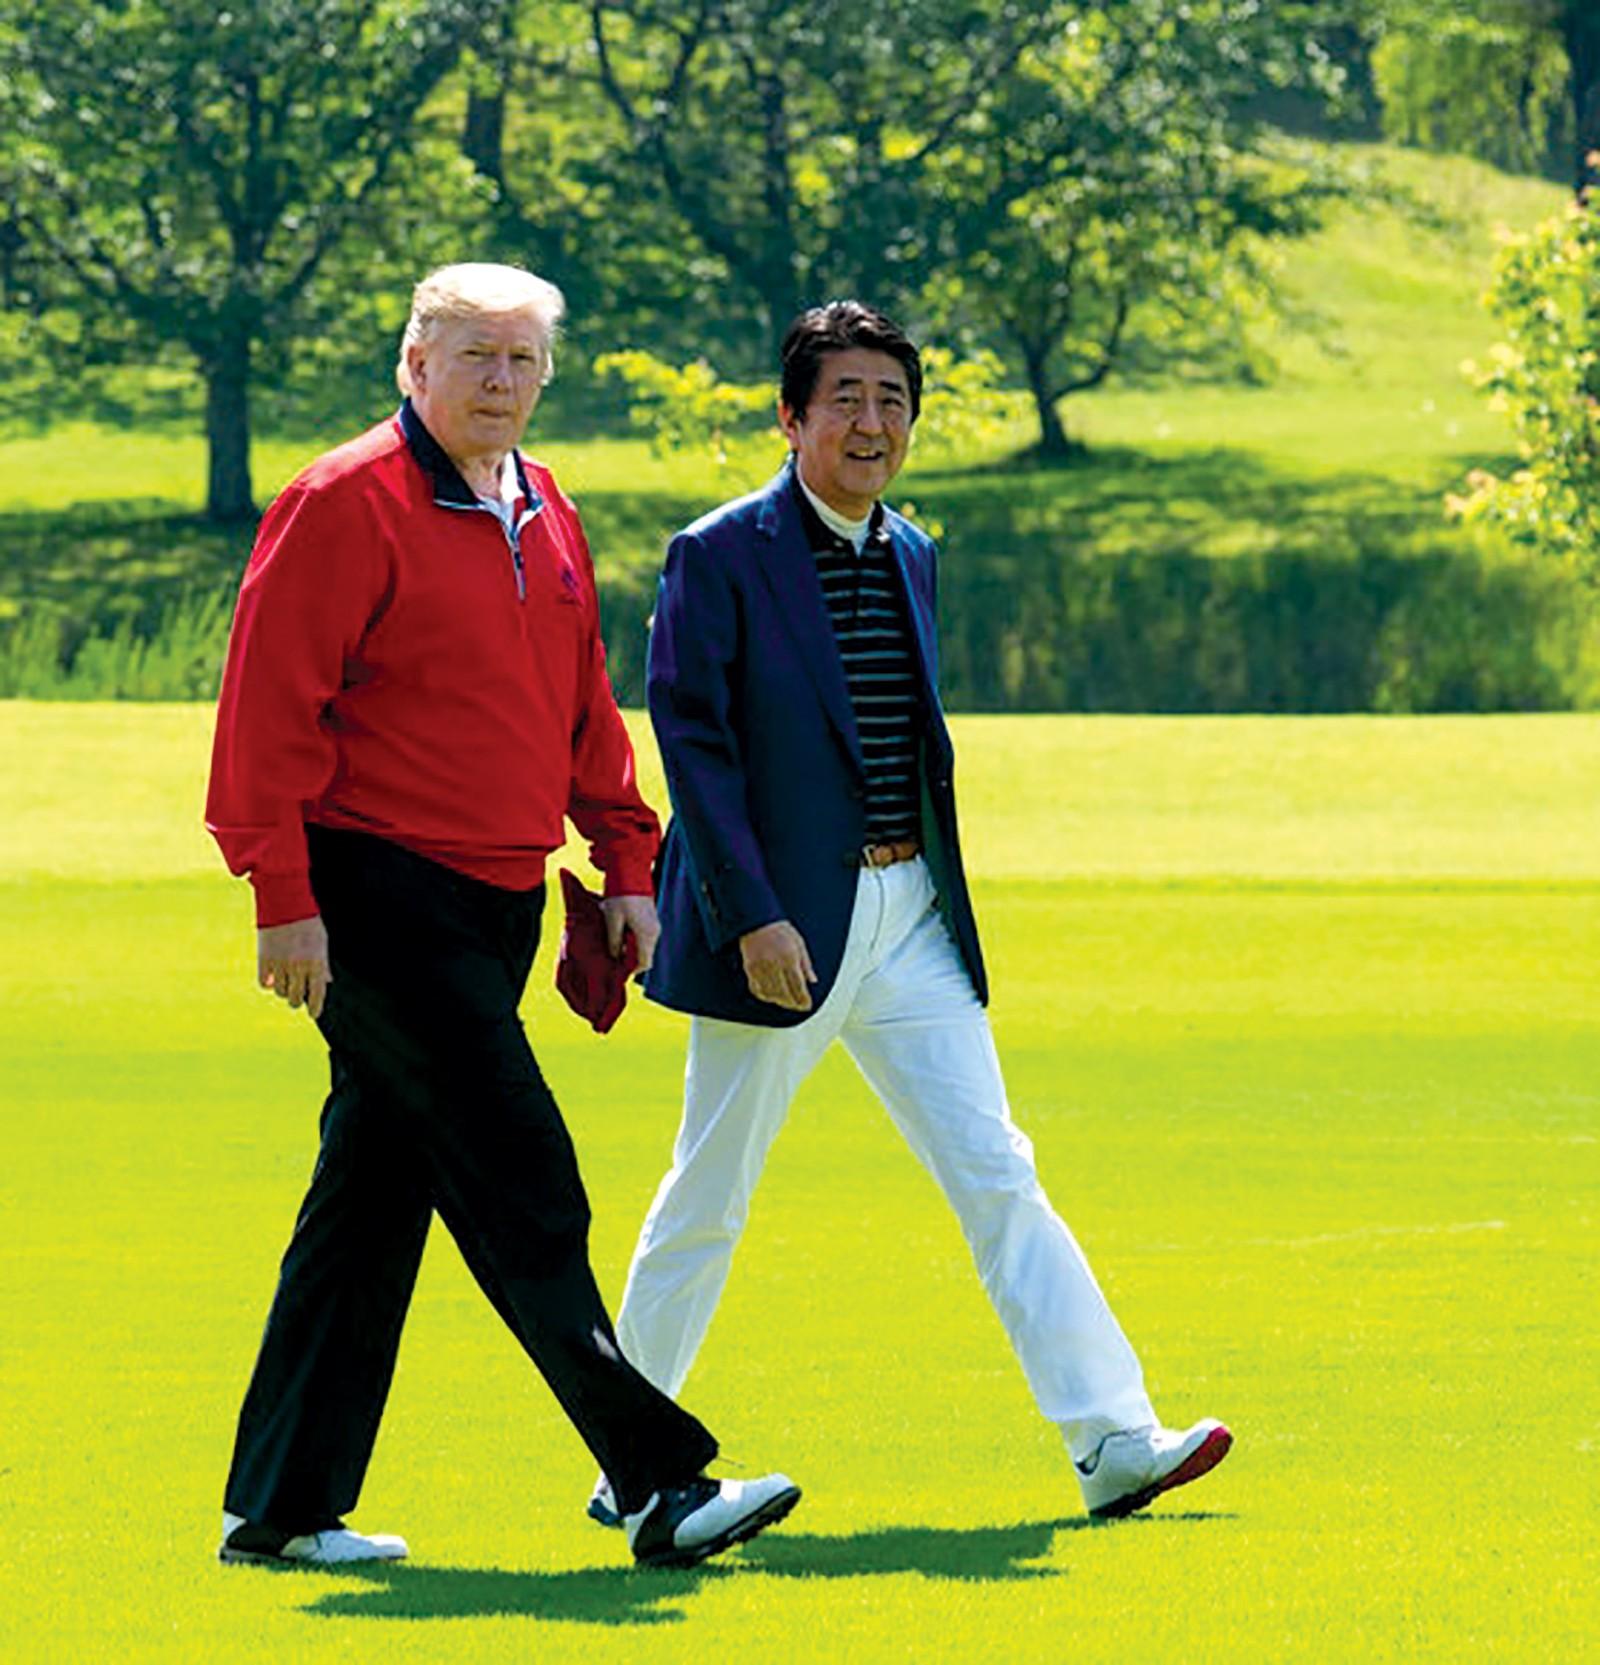 Tổng thống Trump (trái) và Thủ tướng Abe trên sân golf ngày 26-5.  Ảnh: New York Times